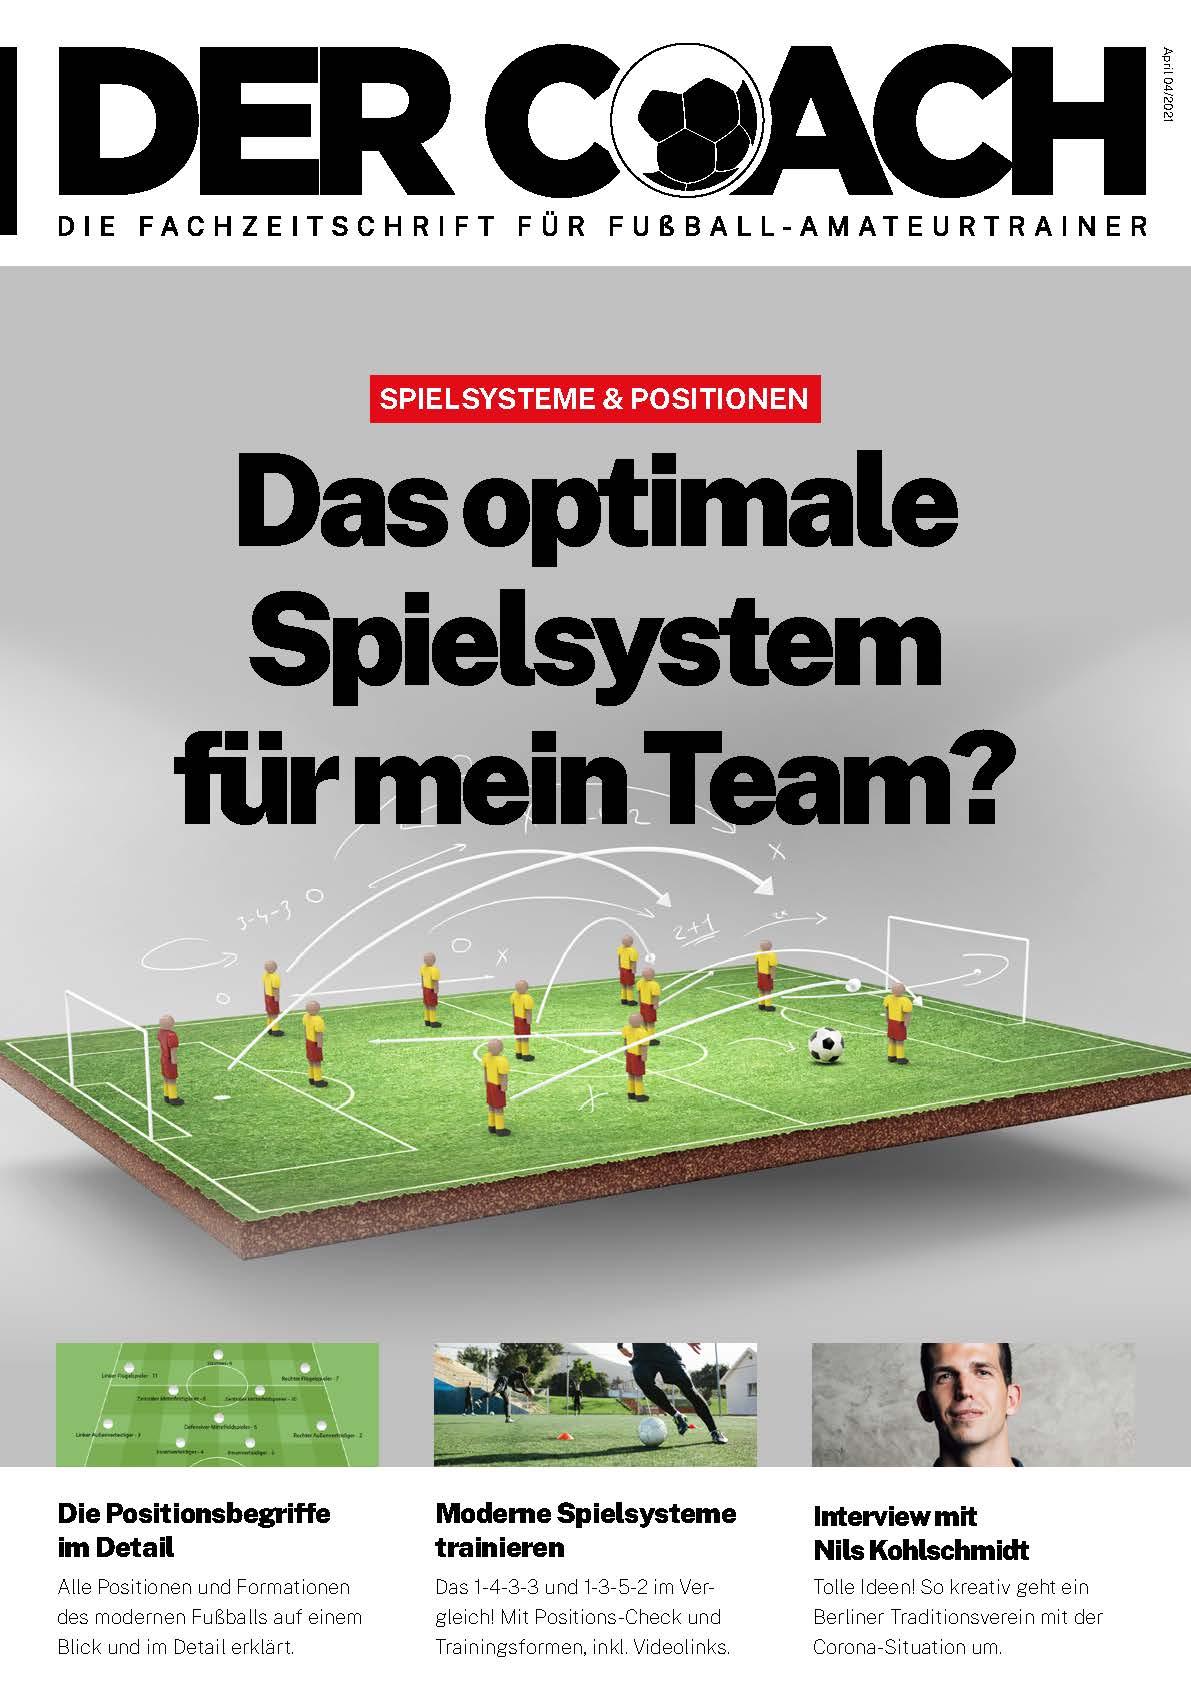 Der Coach - das neue Online-Fußballtrainermagazin